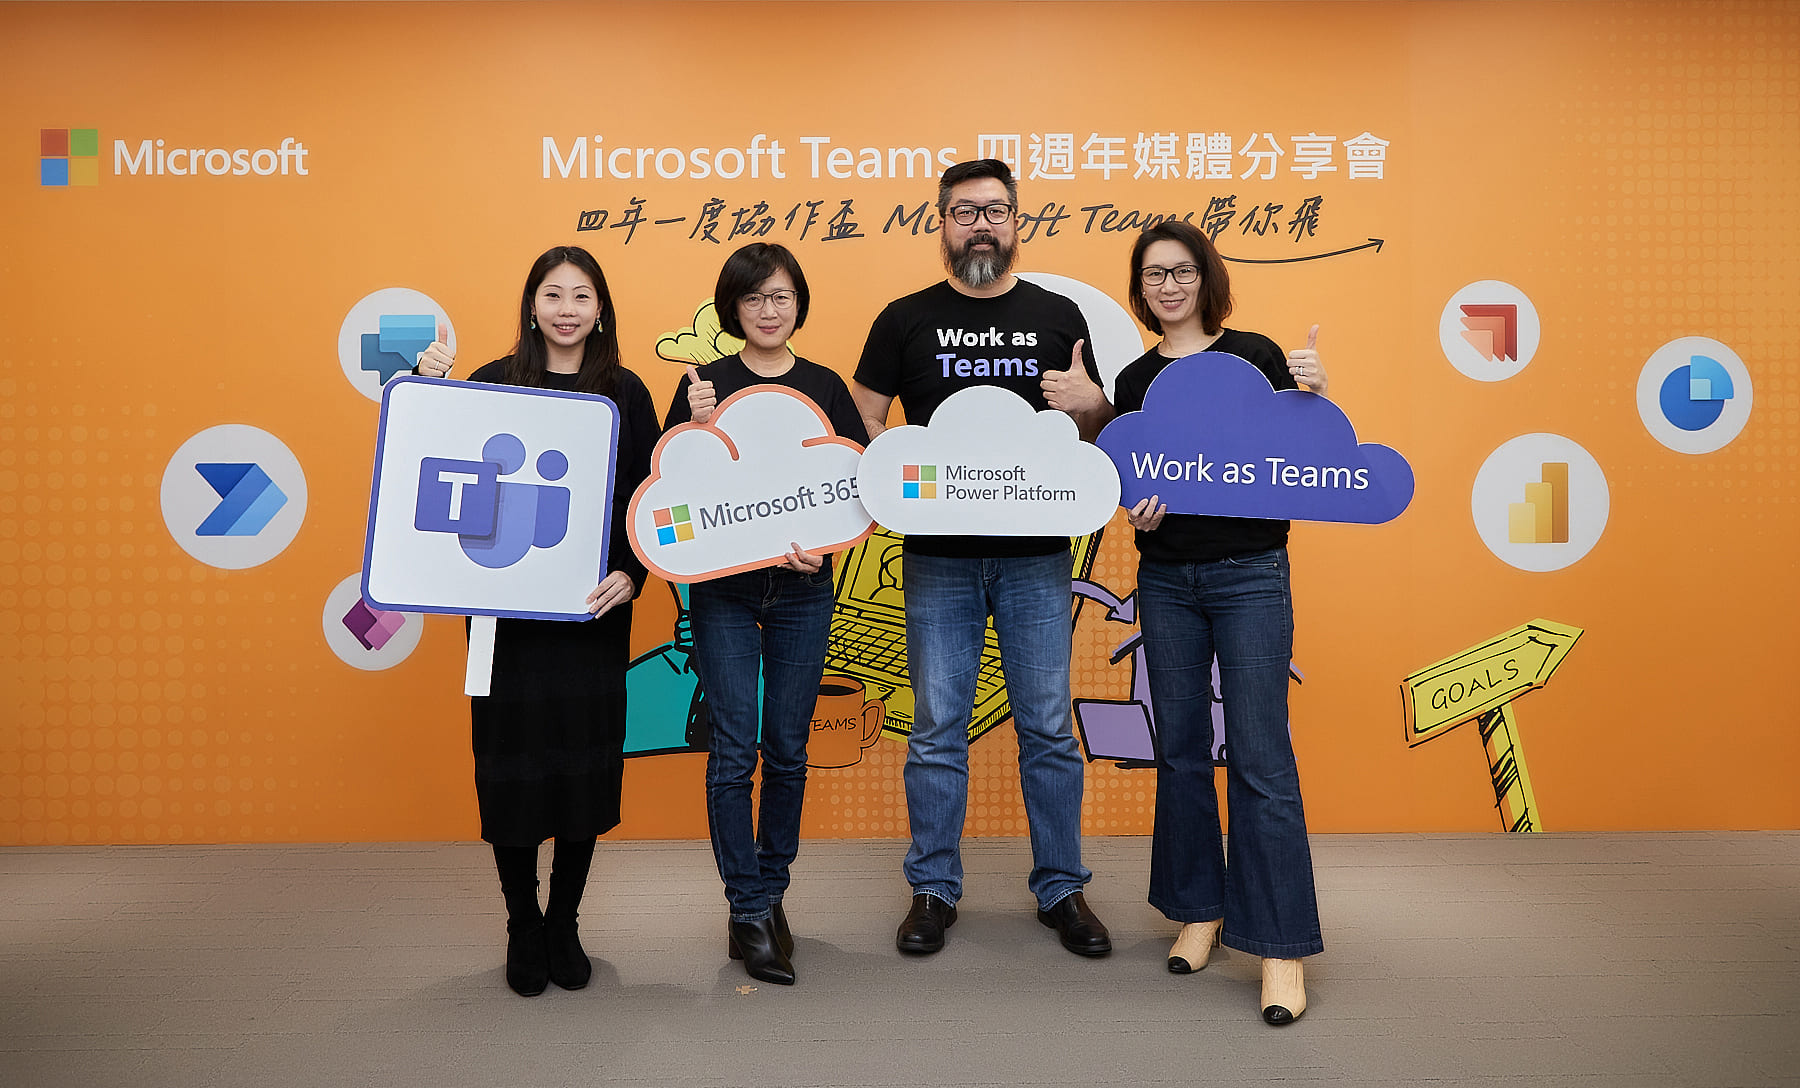 Microsoft Teams 歡慶四週年 引領台灣企業迎戰混合辦公浪潮